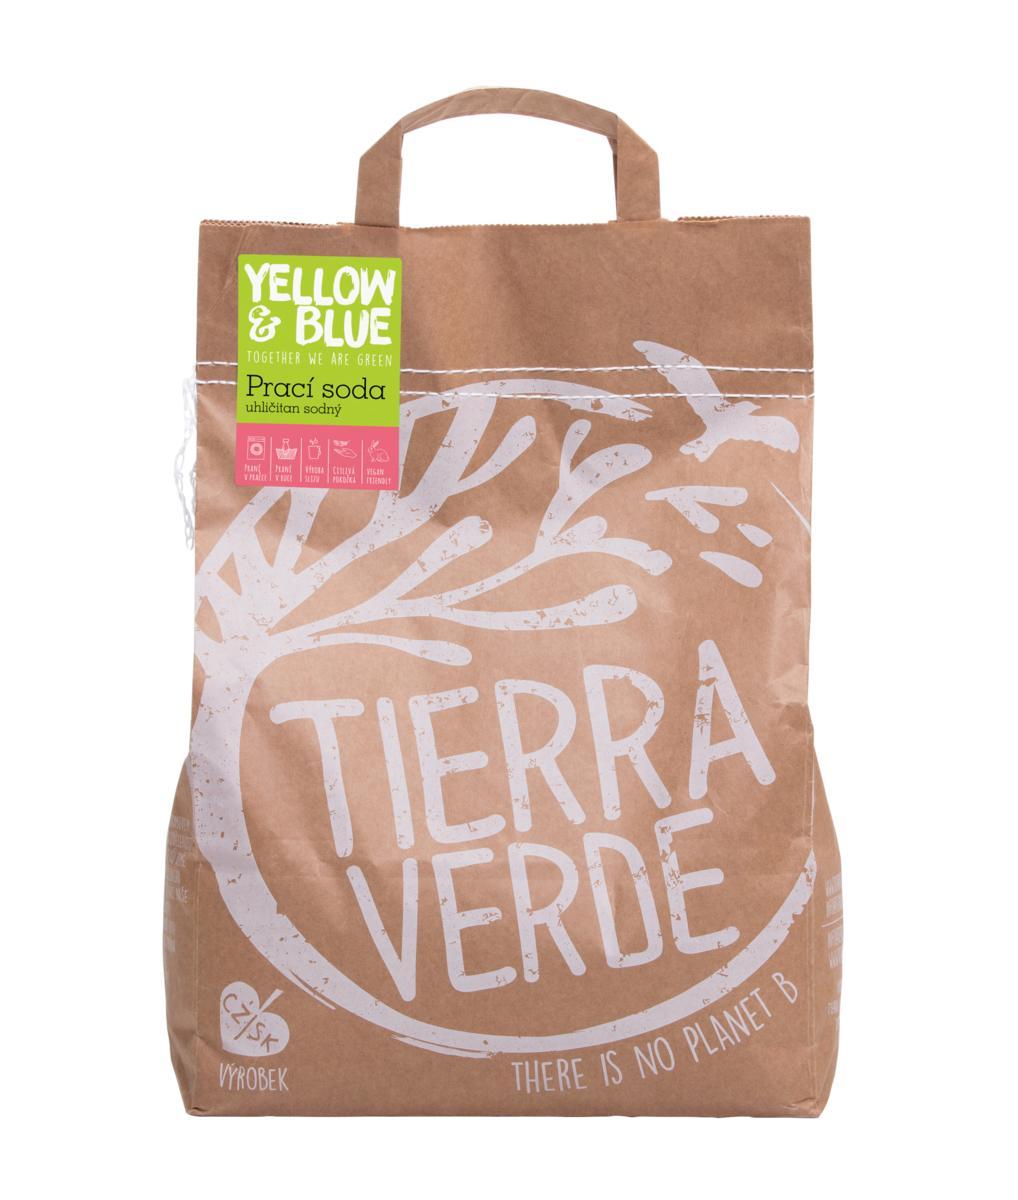 Yellow&Blue Pracia sóda - ťažká sóda, uhličitan sodný 5kg